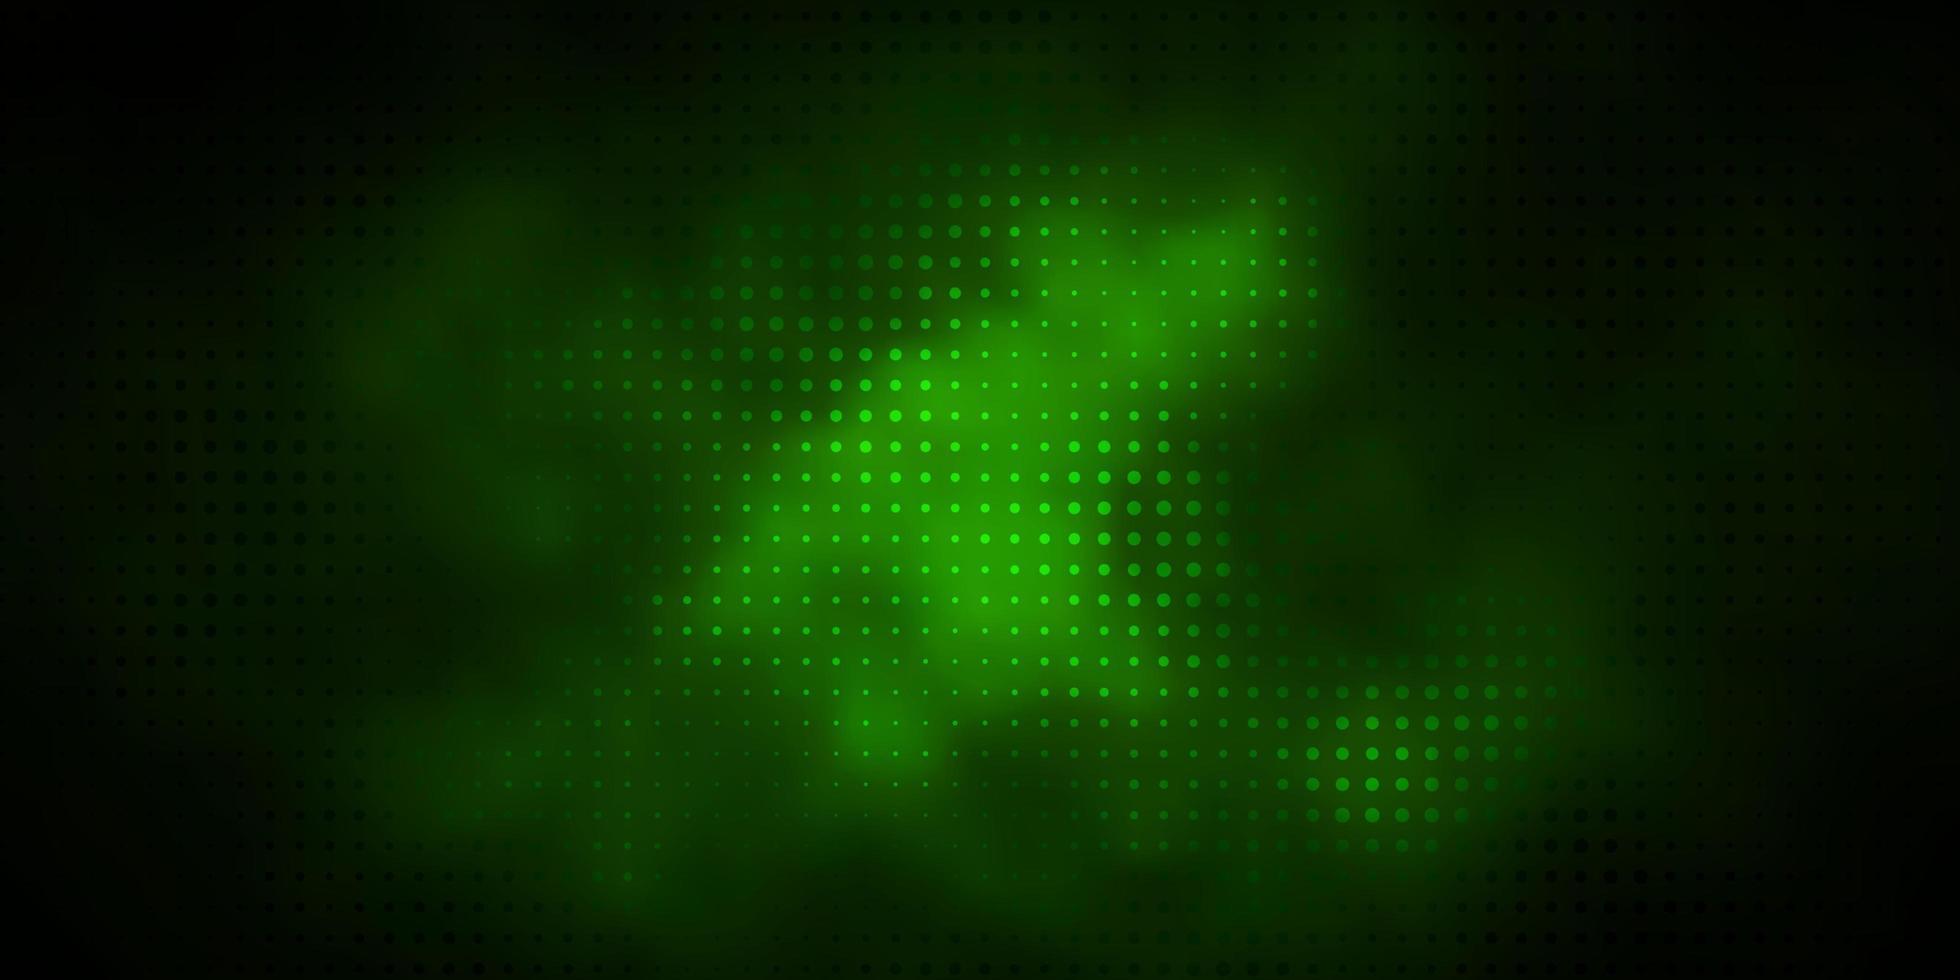 texture vert foncé avec des cercles. vecteur